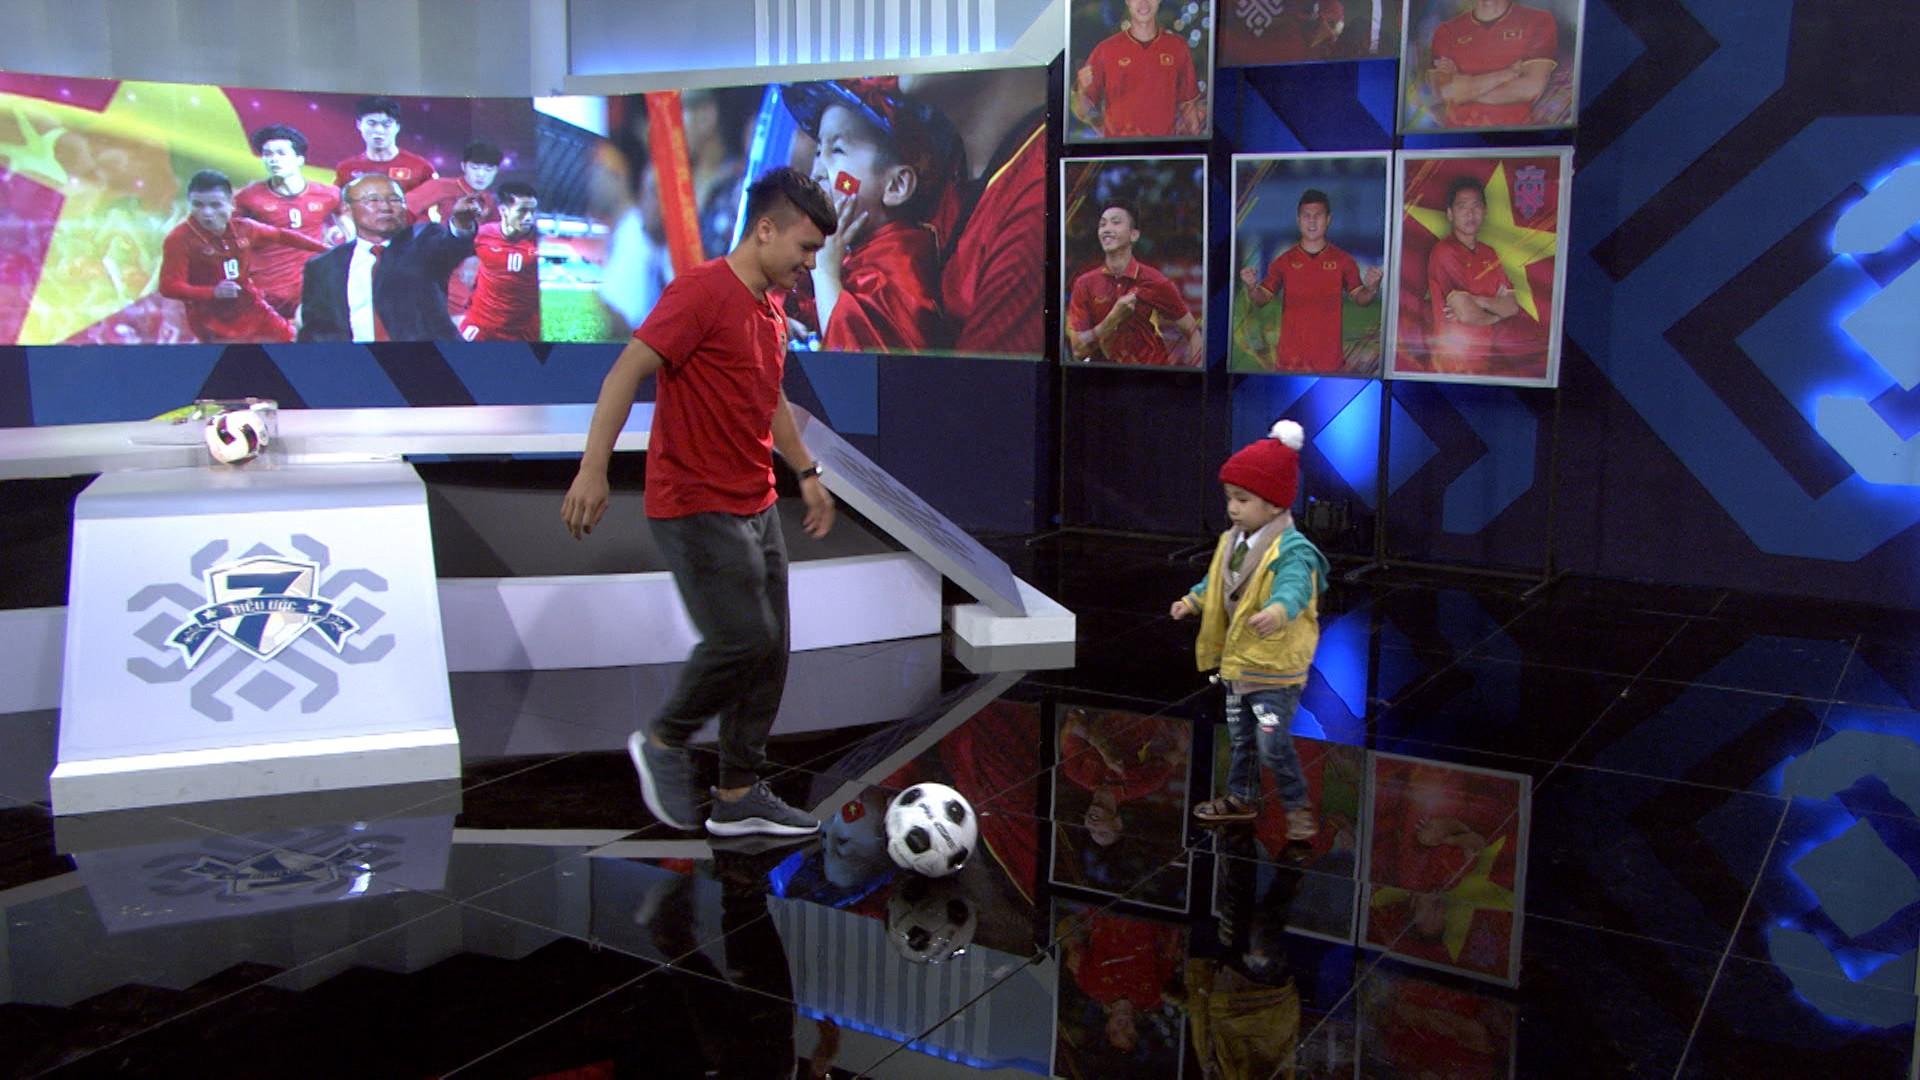 Quang Hải, Đức Chinh bật khóc trong cuộc gặp gỡ xúc động với cậu bé 4 tuổi bị ung thư não trước trận chung kết AFF Cup 2018 - Ảnh 8.